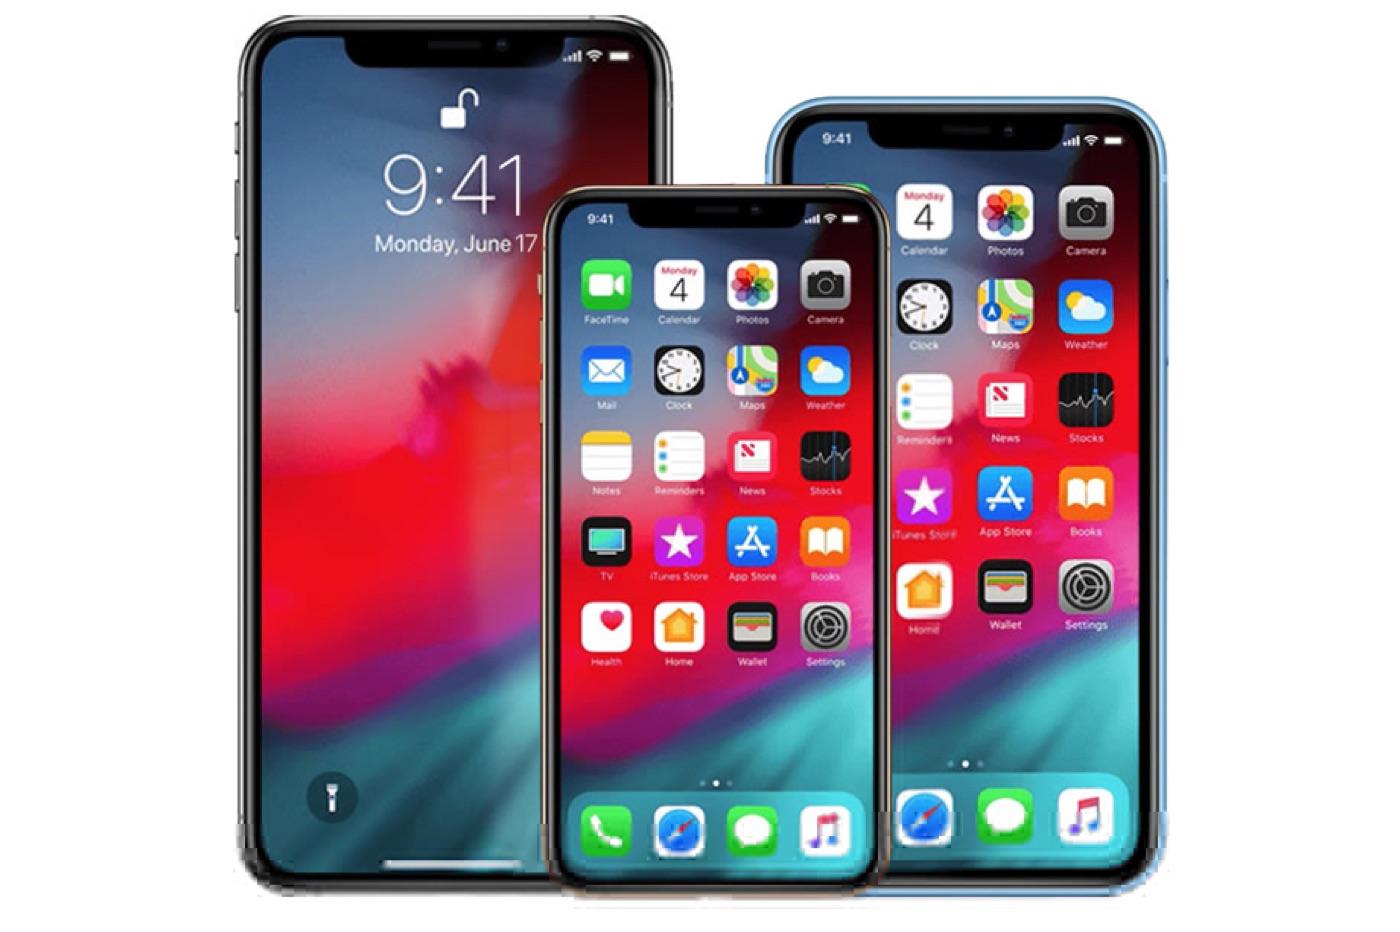 Nouvelles prévisions iPhone : 5G dès 2020 et modem maison 2 ans plus tard ? 1